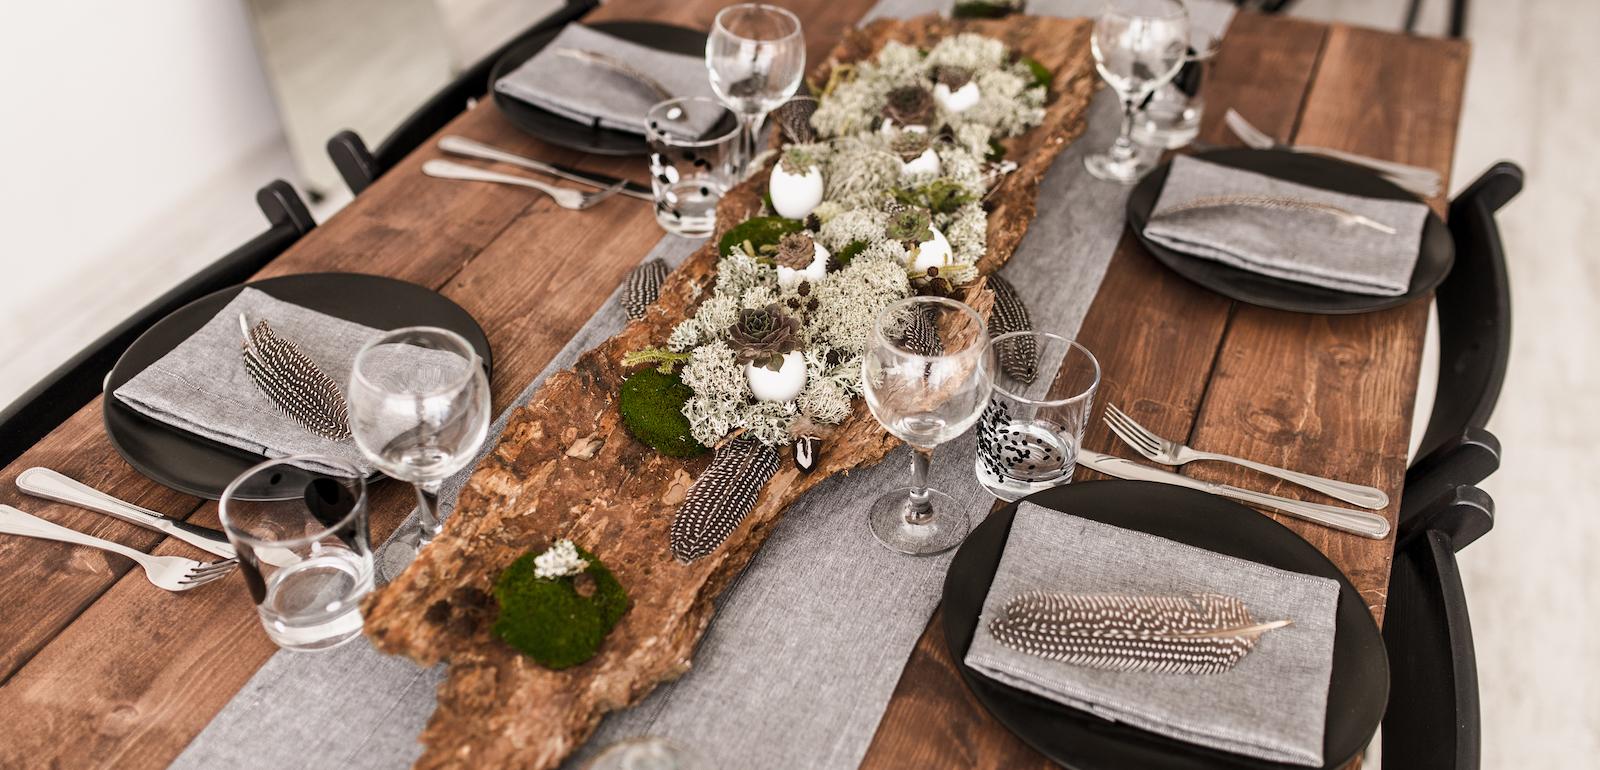 Consulenza con l'executive chef Francesco de Francesco per creare il tuo home food